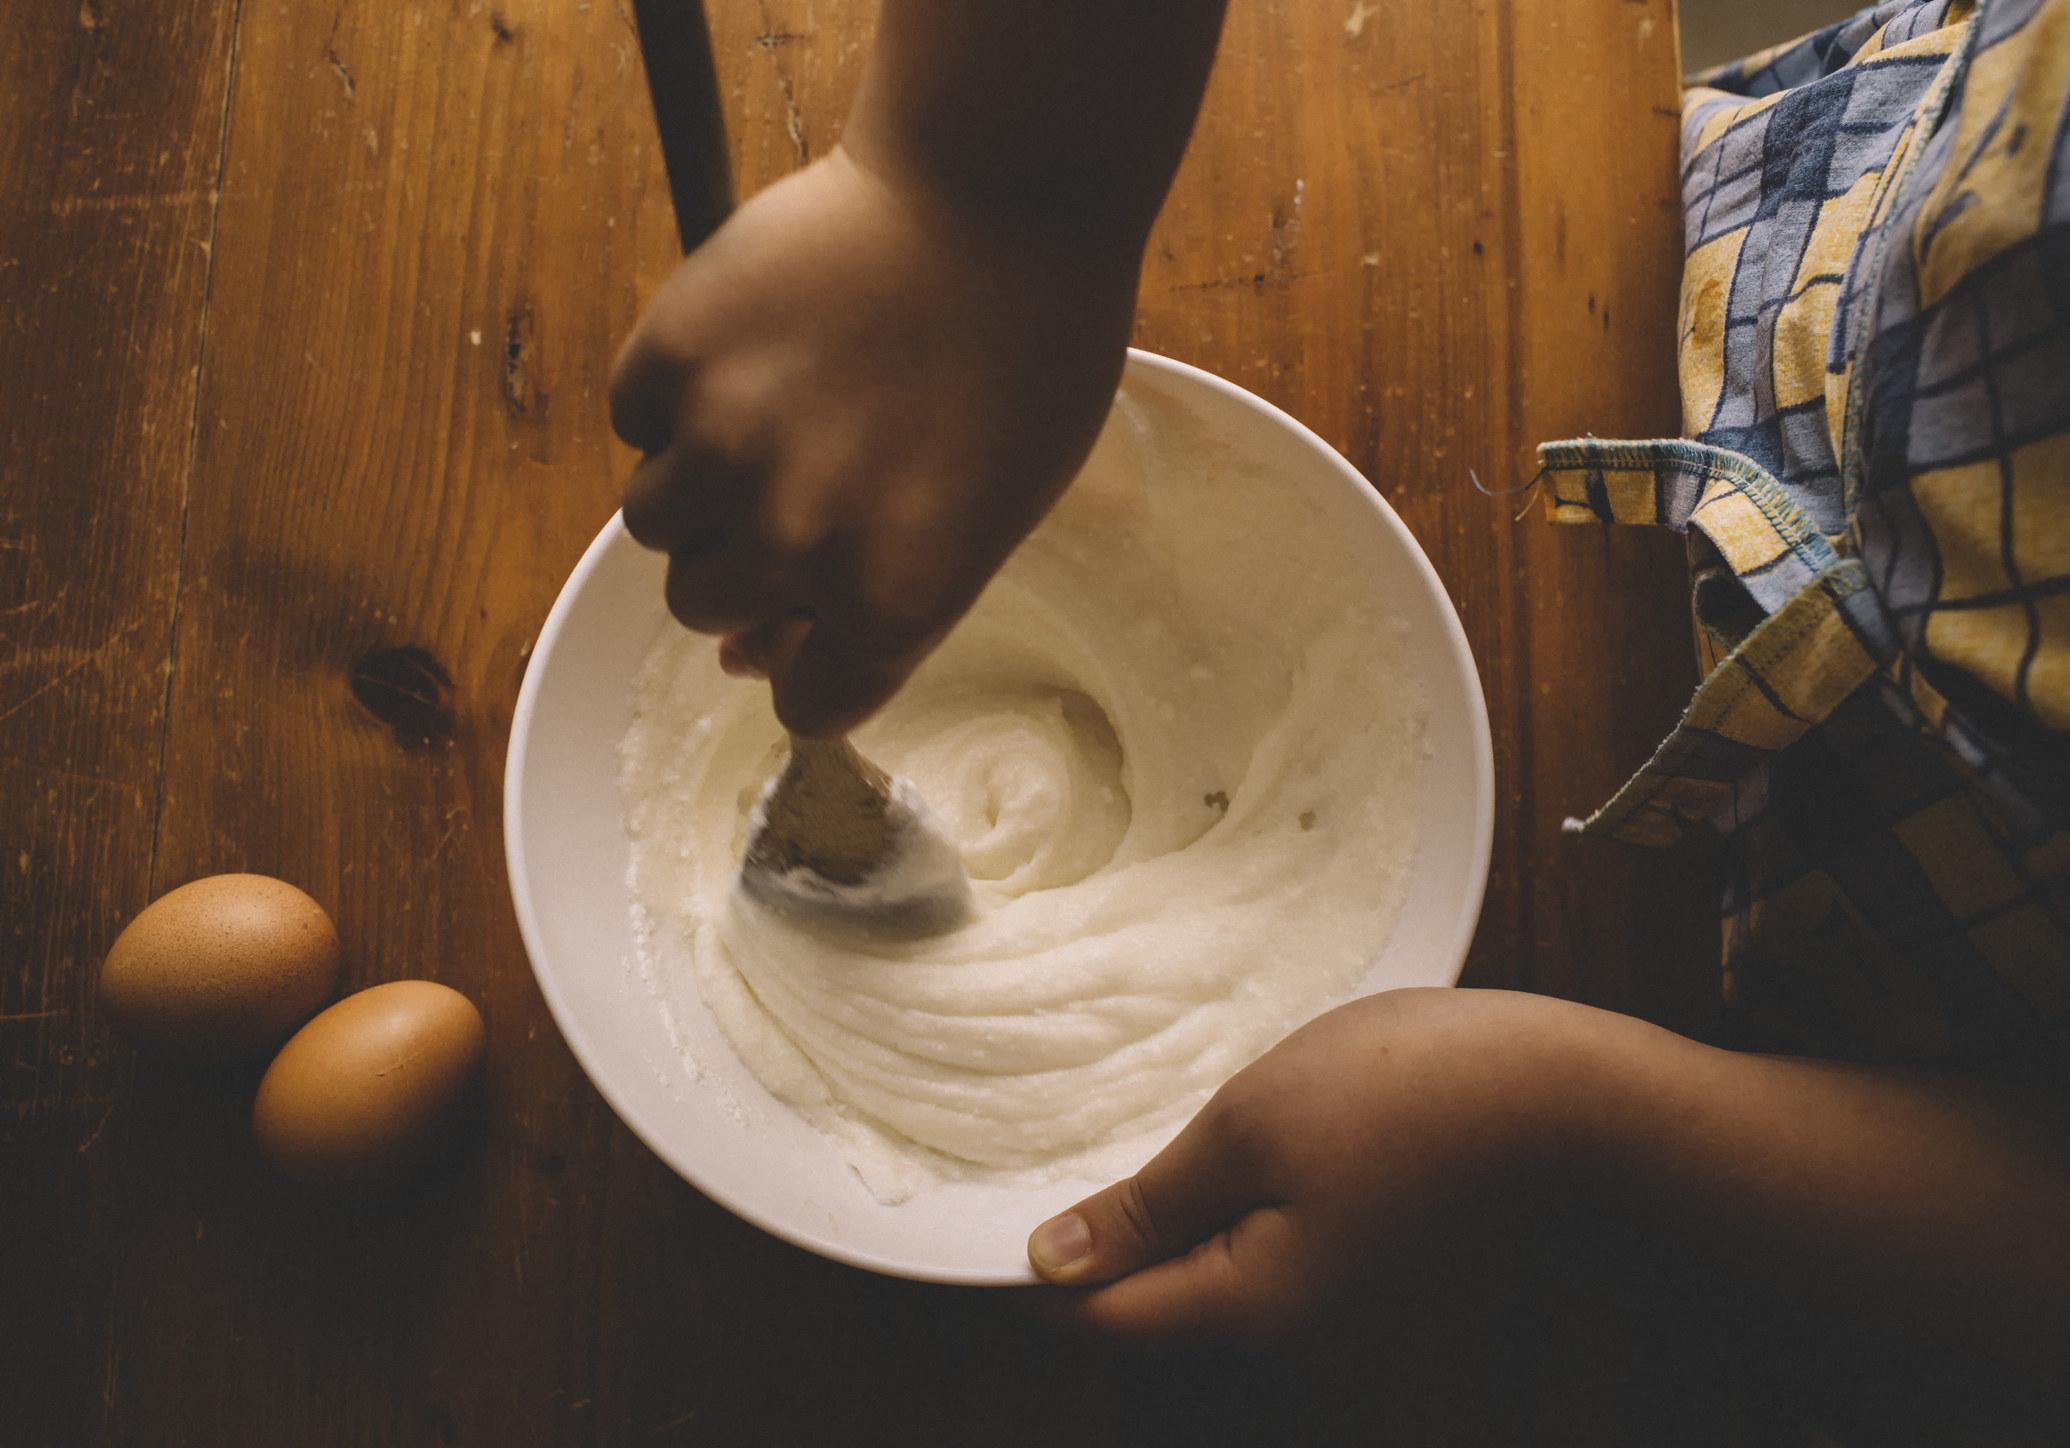 Girl mixing cake batter.